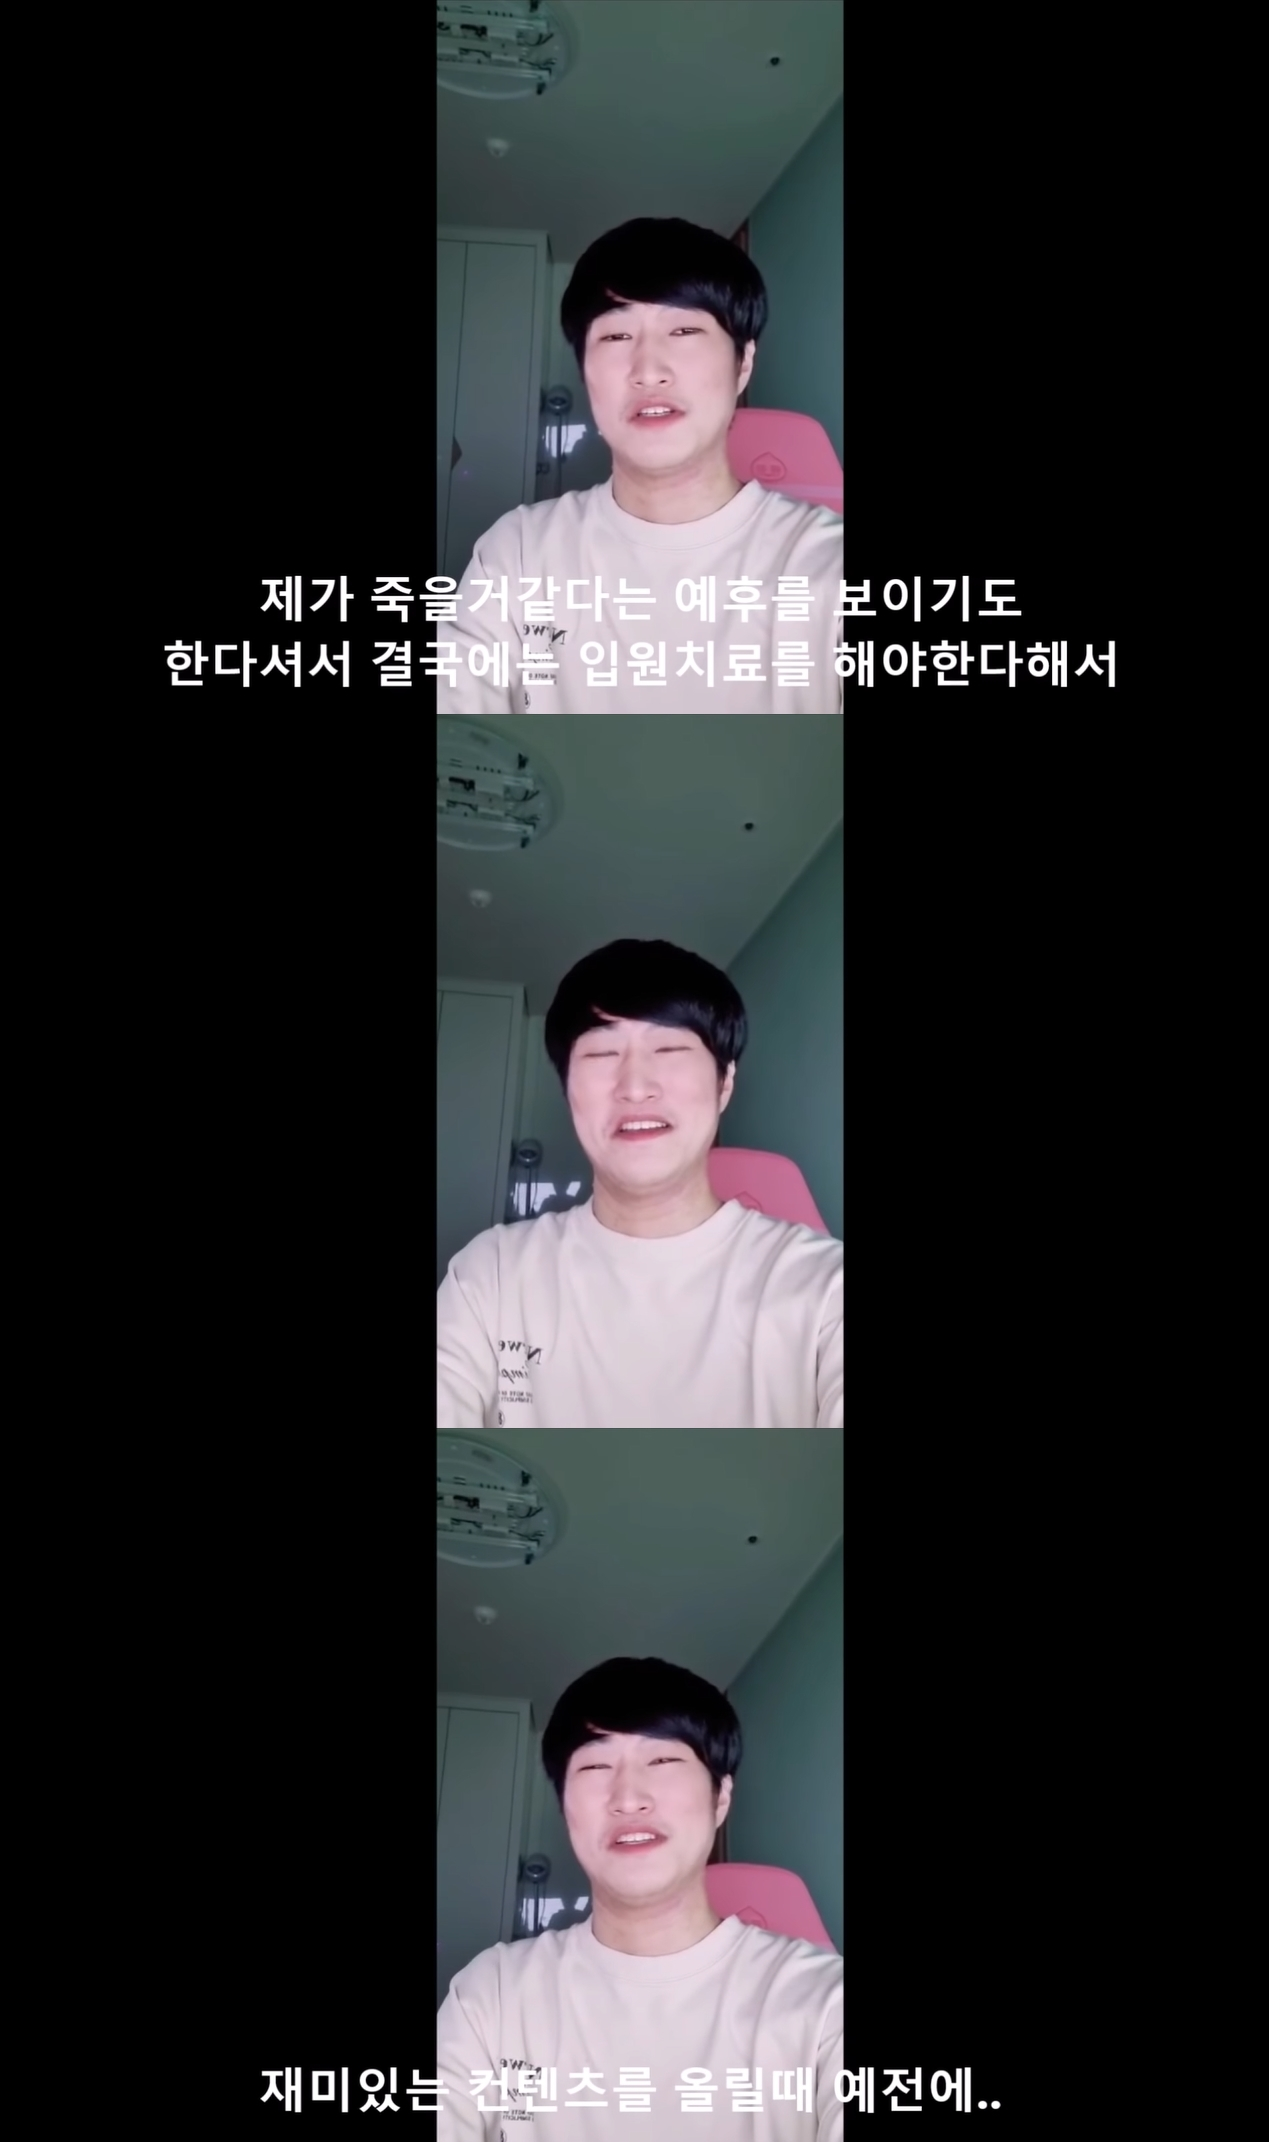 """[소셜iN] 유정호, 유언 후 극단 선택→아내 양재은 """"무사해"""""""